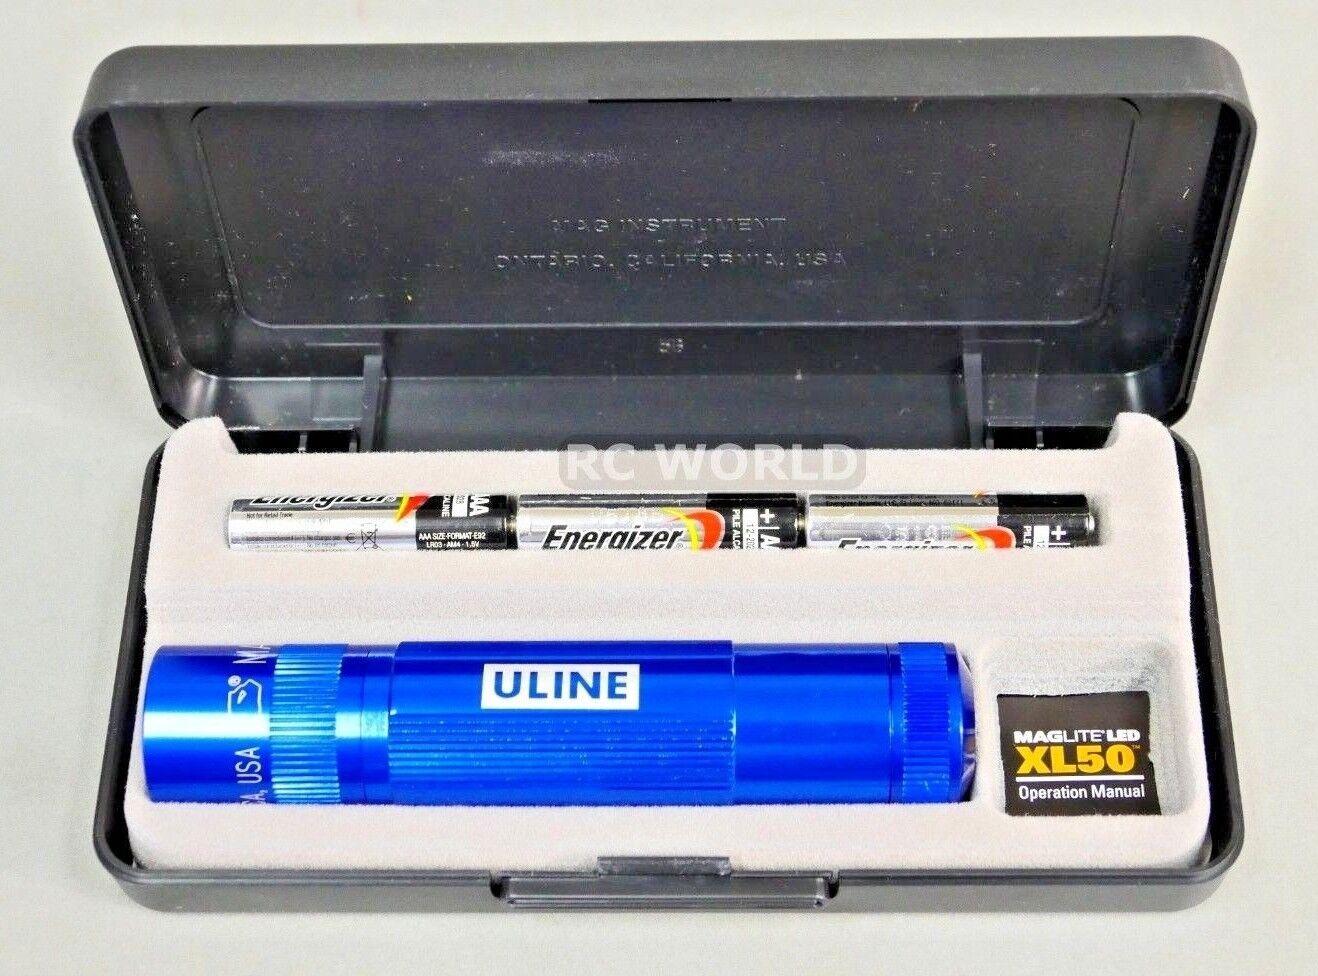 Mini MAGLITE w  CASE LED XL50 L.E.D FLASHLIGHT MAGLIGHT Very Bright  ob3